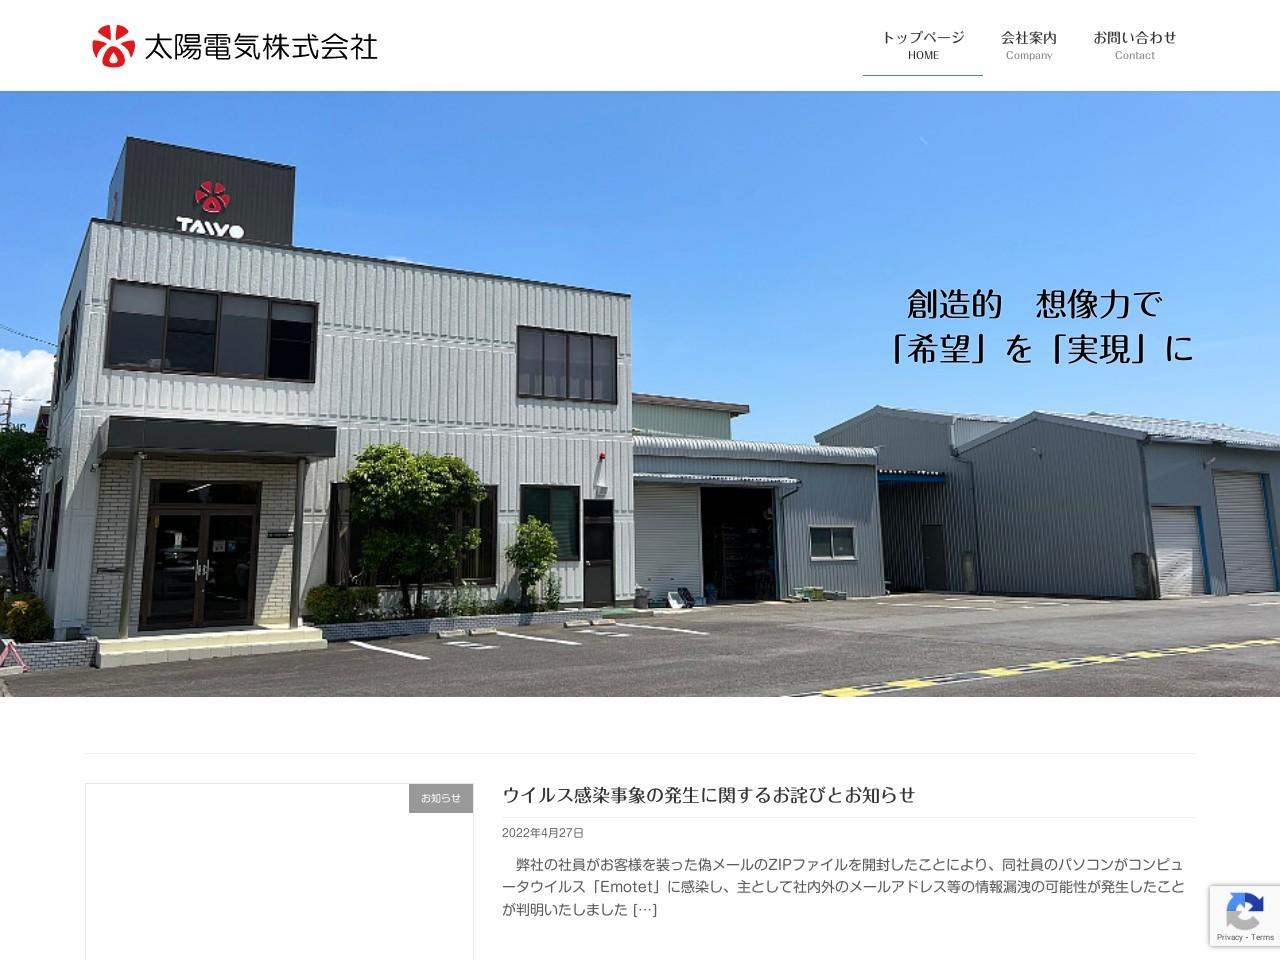 太陽電気株式会社